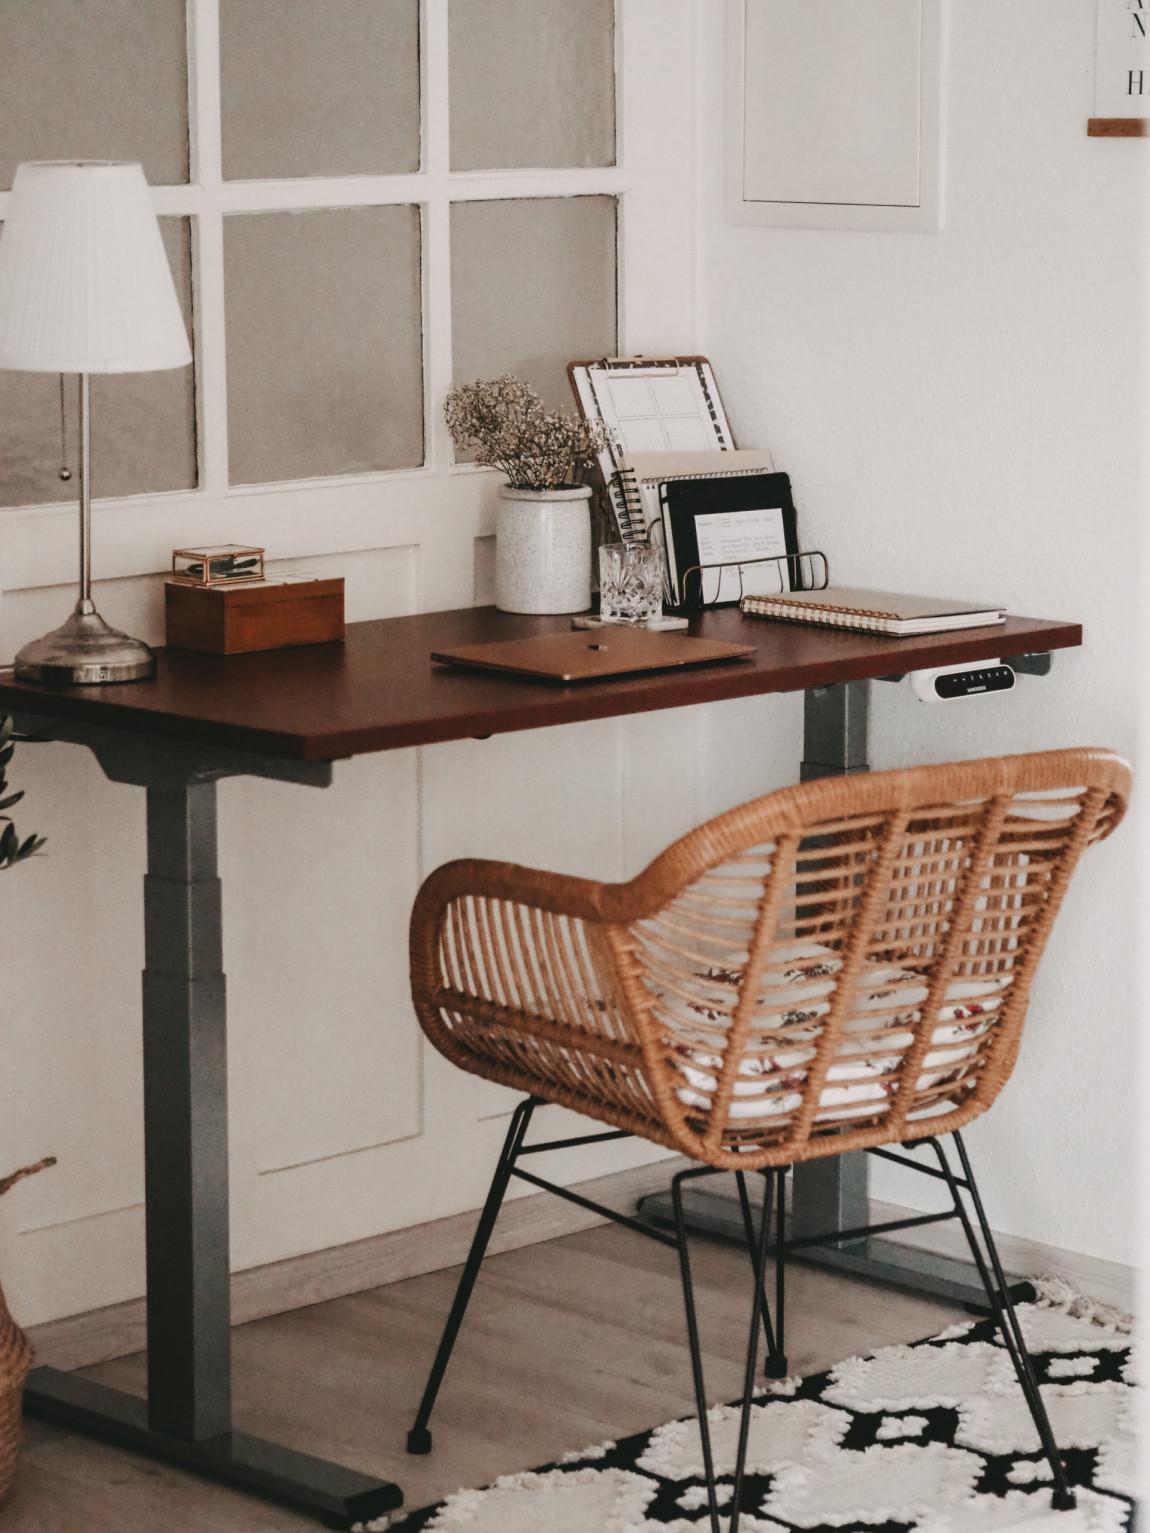 Homeoffice FlexiSpot Desk